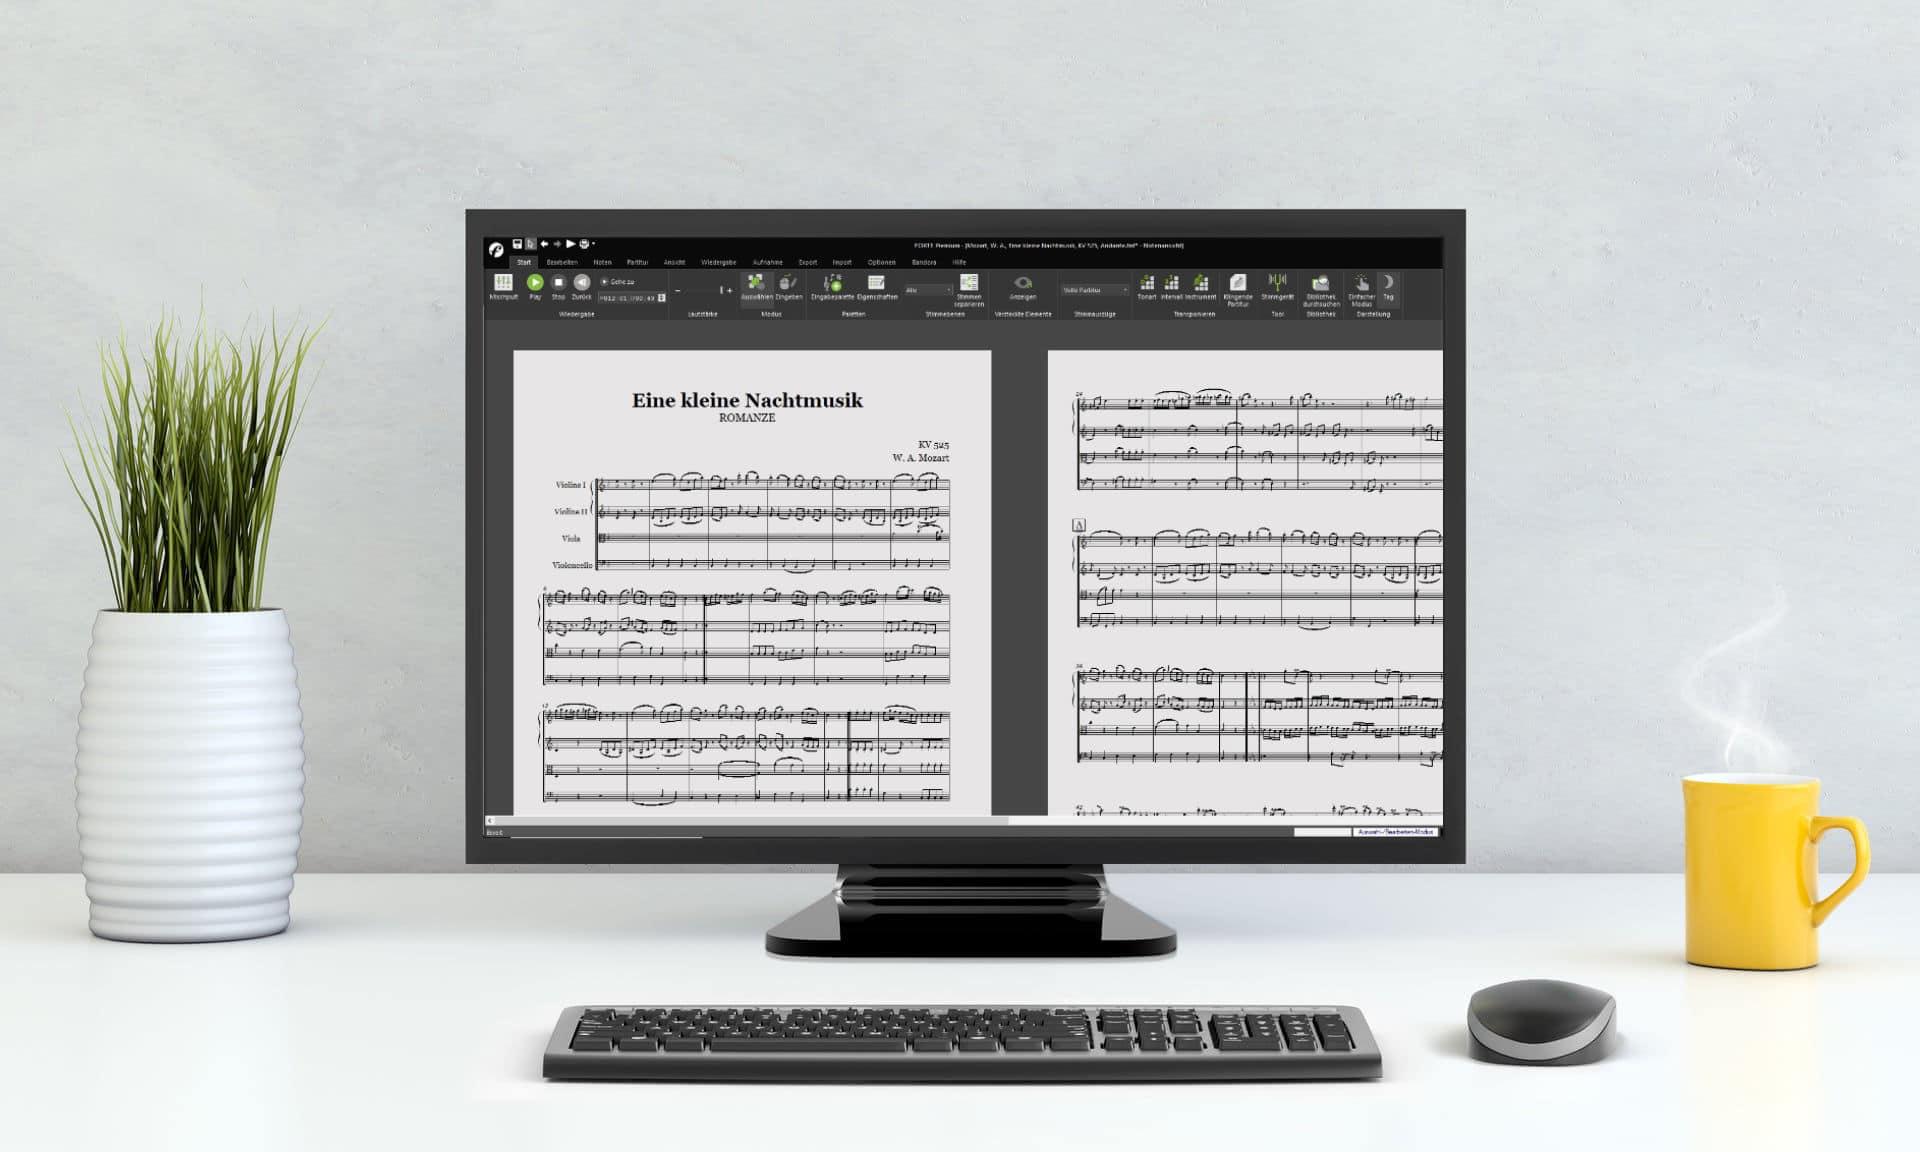 Das Notenschreibprogramm FORTE 12 Premium